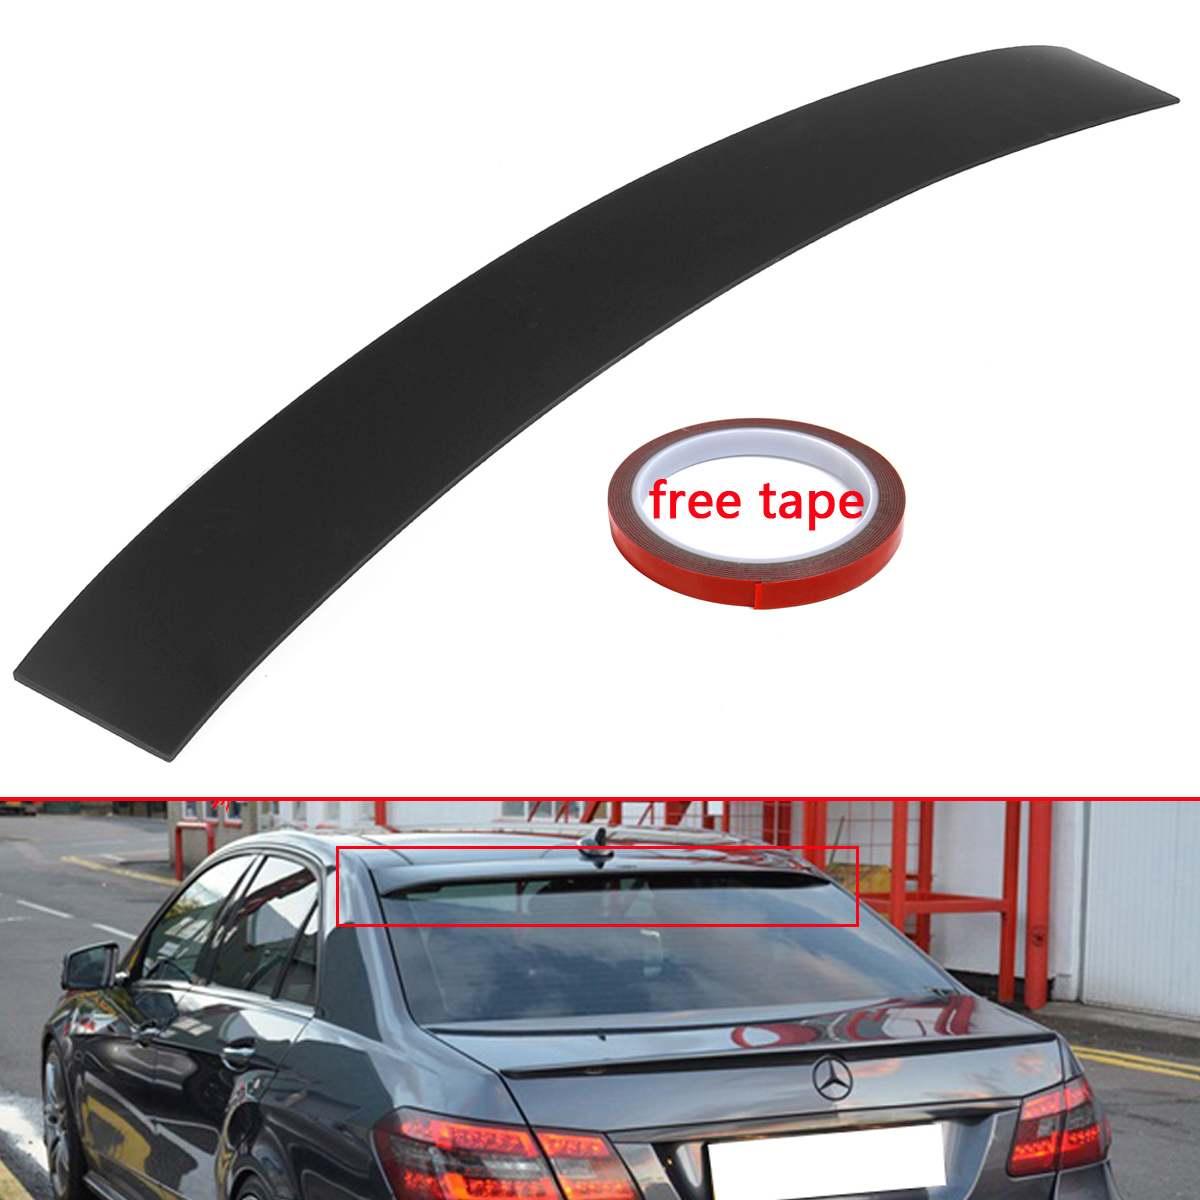 Alerón para maletero trasero de coche negro alerón para ventana labio ABS nuevo ajuste para Mercedes Benz Clase E W212 Sedán